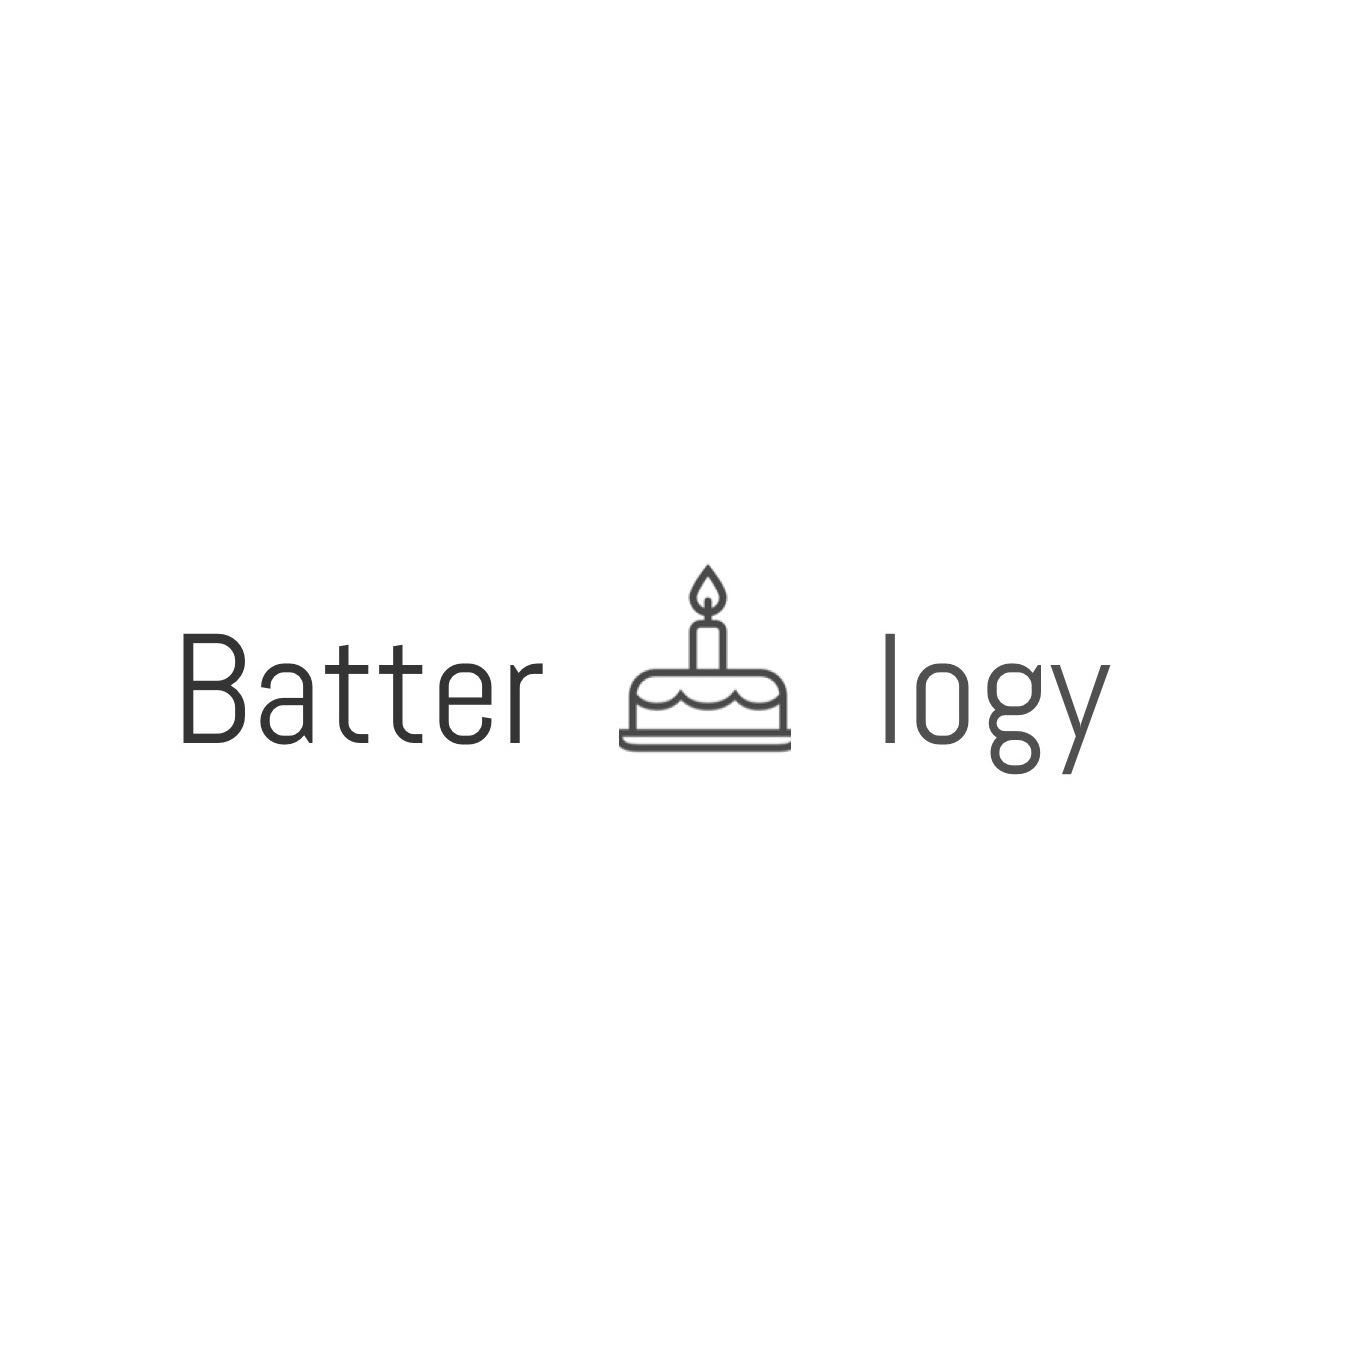 batterlogy